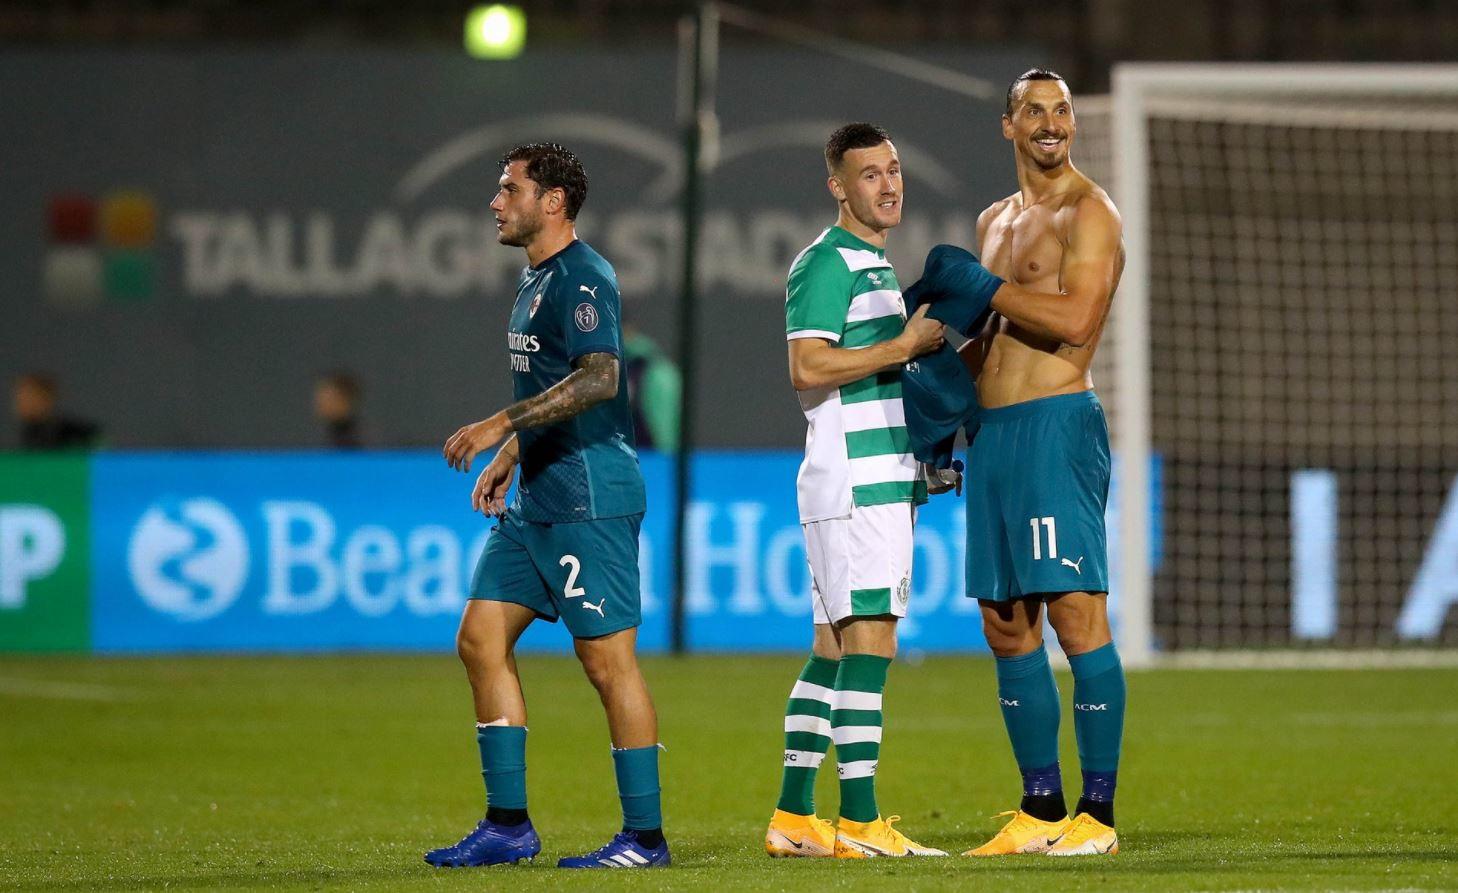 Bel gesto di Ibrahimovic al termine del match contro lo Shamrock Rovers. Lo svedese, come sottolineato dallo stesso club irlandese sul proprio profilo Twitter, ha regalato la sua maglia al figlio-raccattapalle di un avversario: &quot;Zlatan&nbsp;ha appreso che il figlio di Aaron Greene, un giocatore della Rovers Academy, era un raccattapalle della partita. Gli ha promesso la sua maglia e&nbsp;si &egrave; assicurato che l&#39;avesse ottenuta&quot;. Almeno per il pi&ugrave; piccolo della famiglia, una serata da ricordare per tutta la vita...<br /><br />